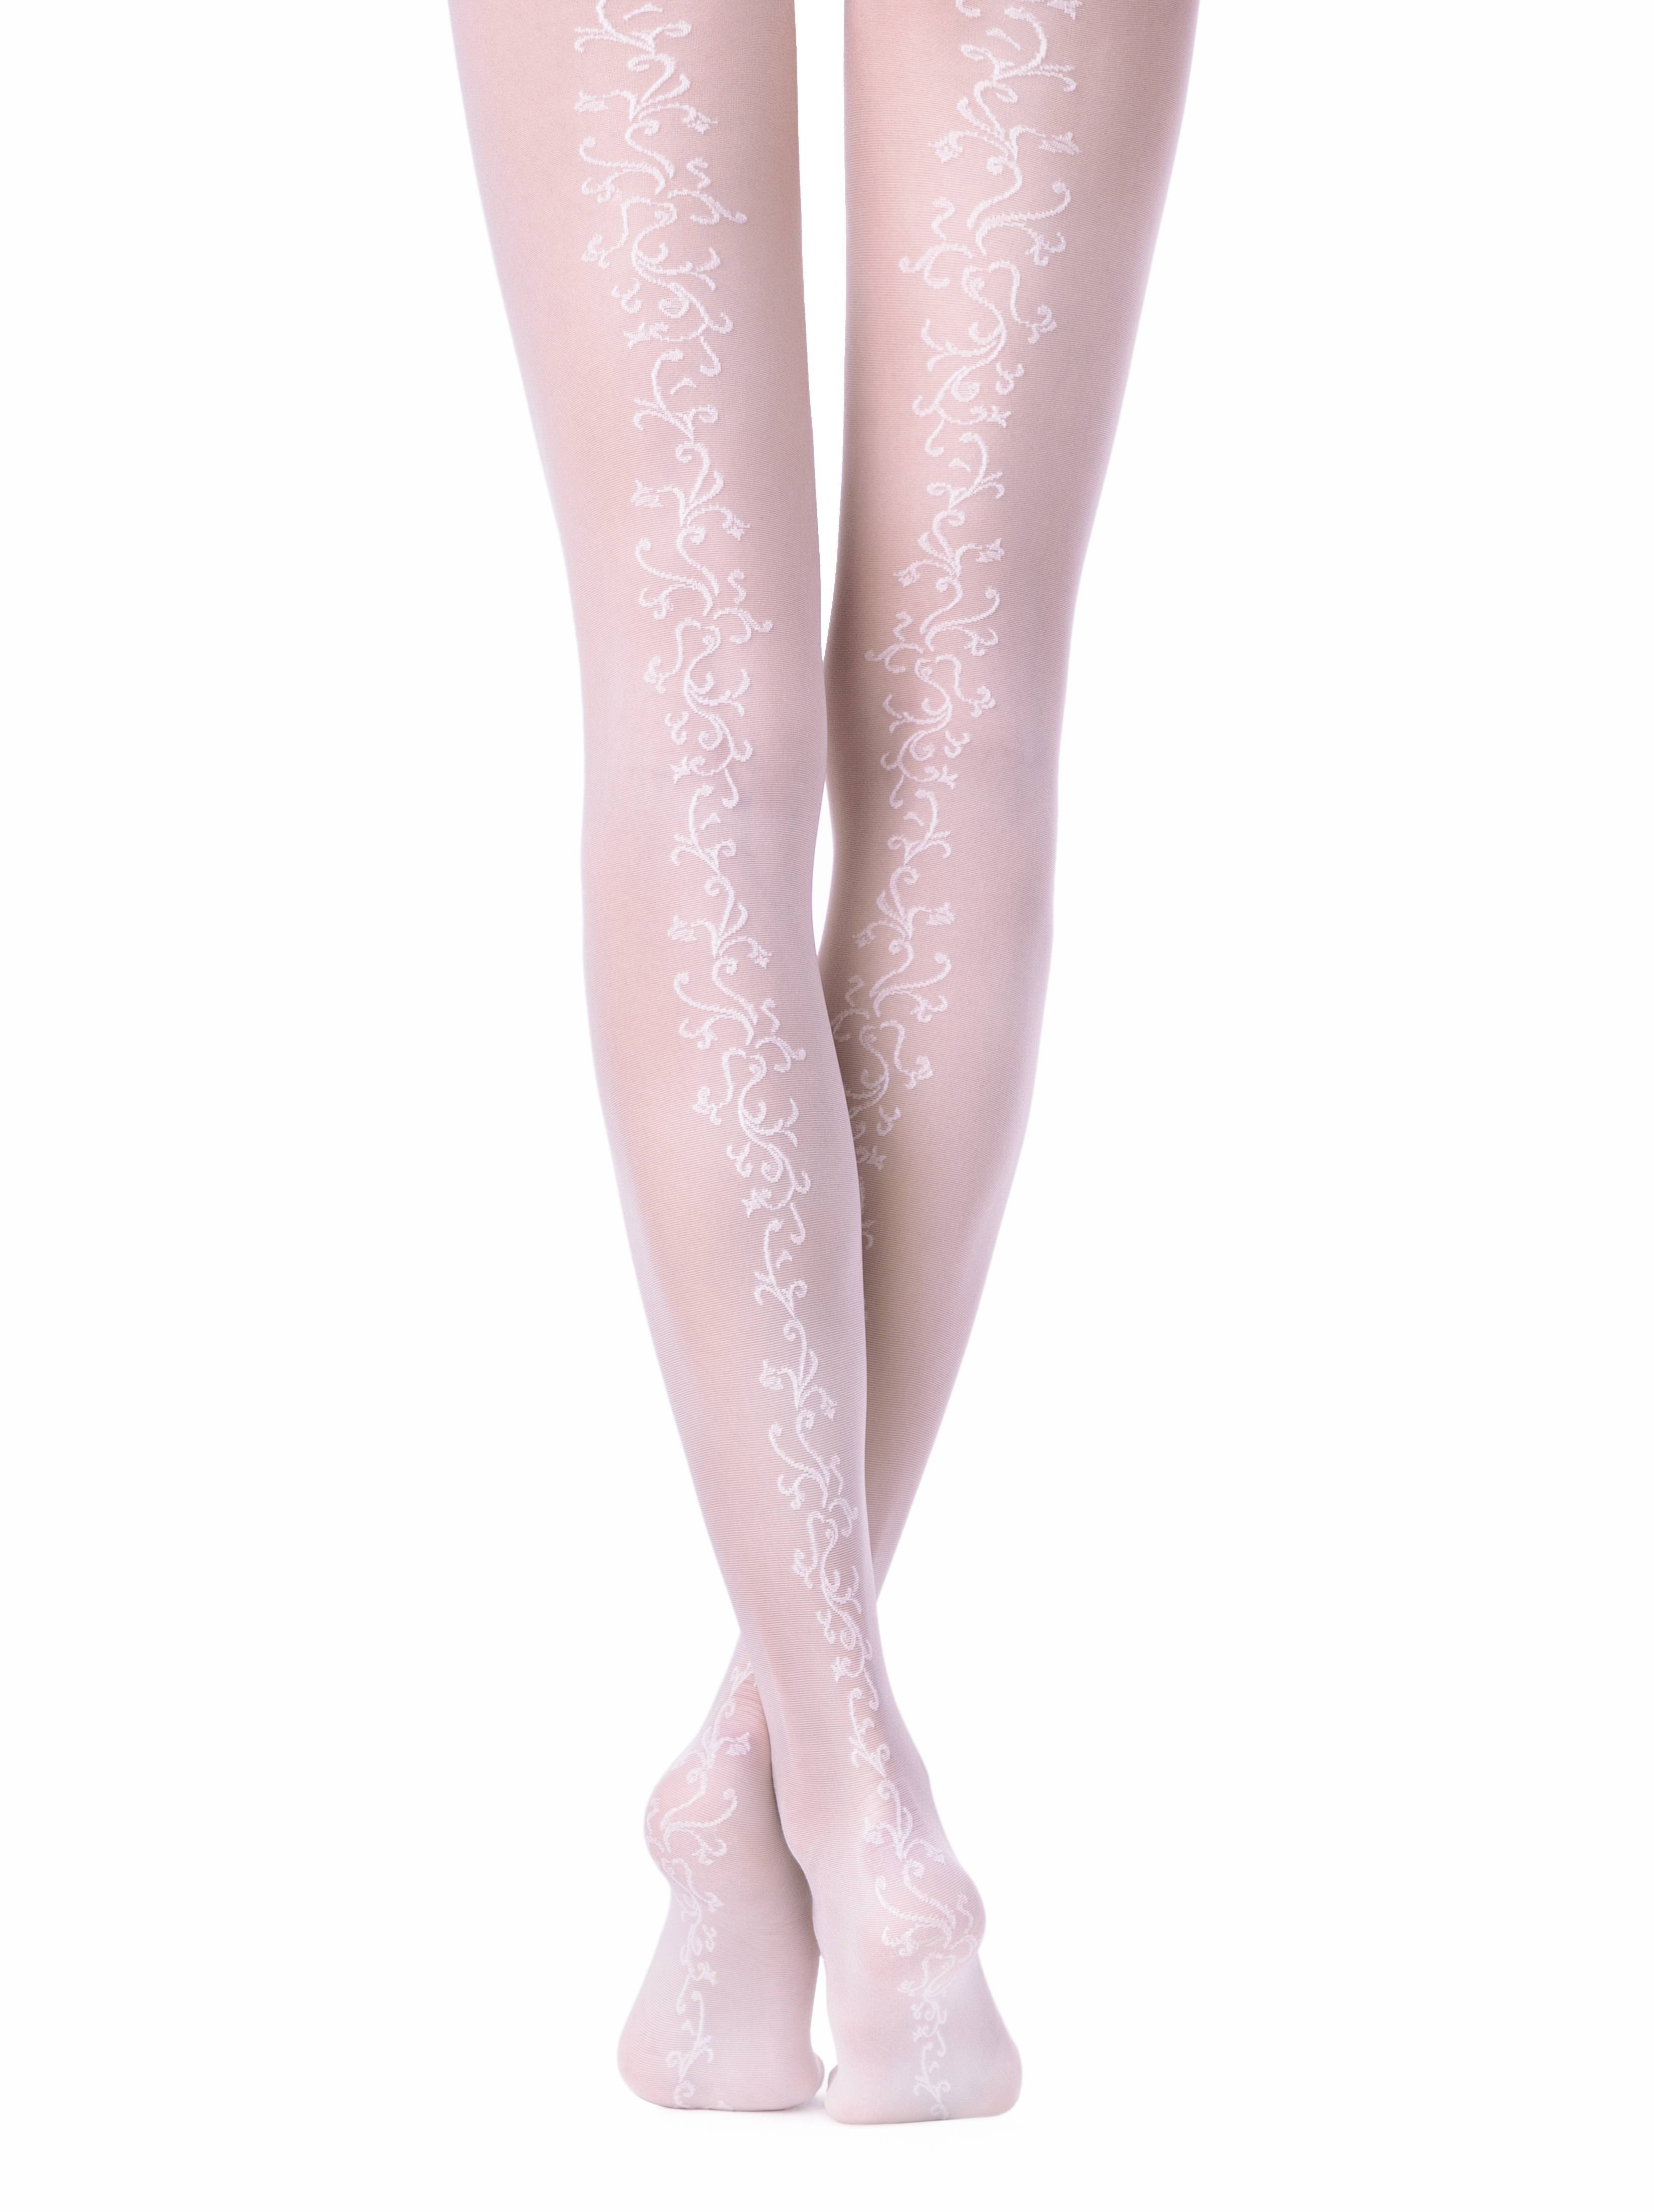 Колготки полиамидные женские ⭐️ Свадебные колготки с цветочным узором сзади GLORY ⭐️